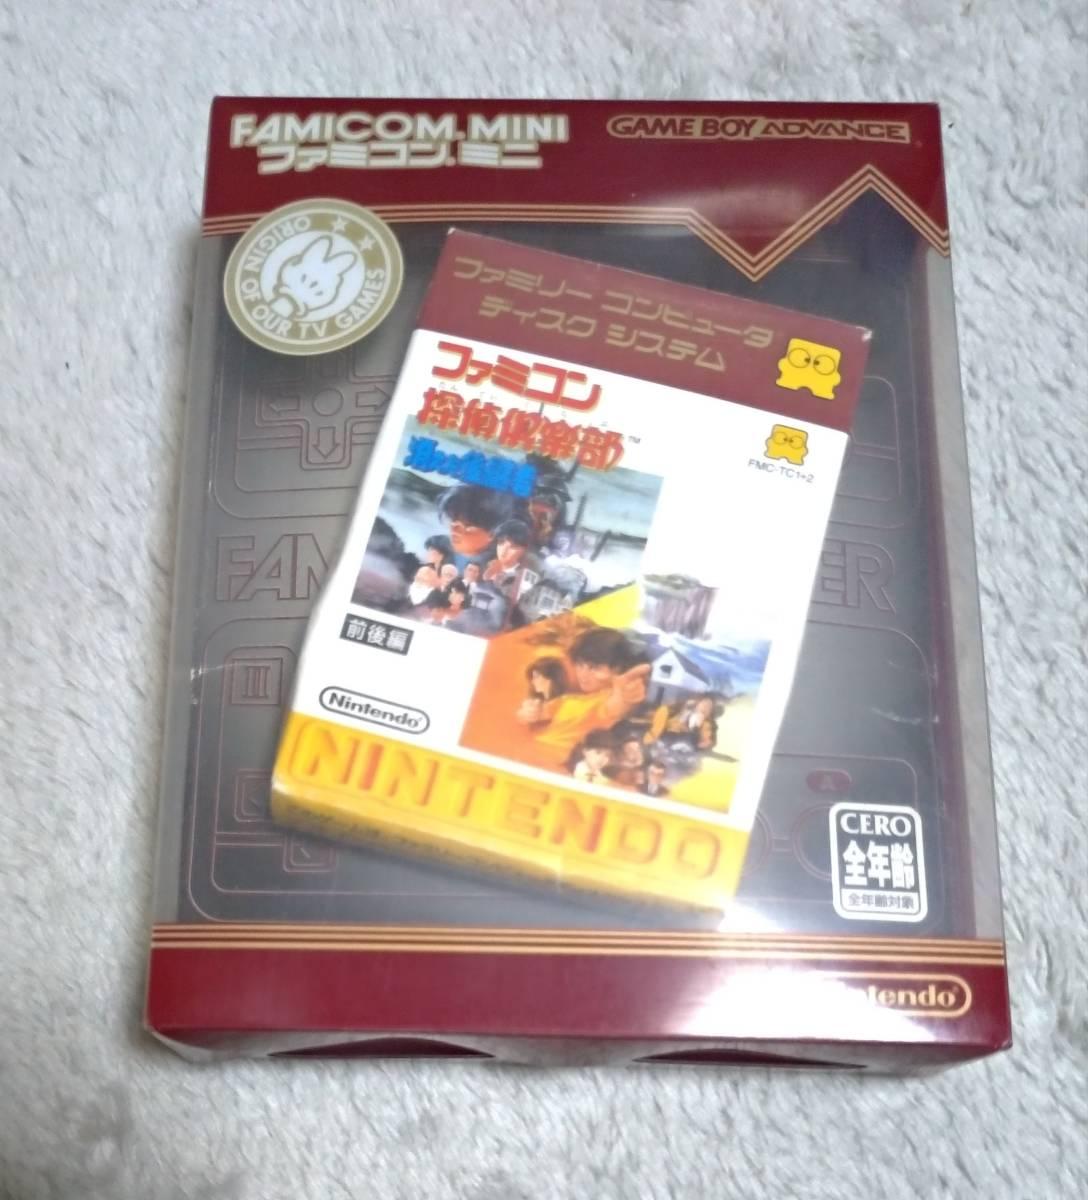 ゲームボーイアドバンスソフト GBA ファミコンミニ ファミコン探偵楽部 消えた後継者 前後編 中古品 送料無料